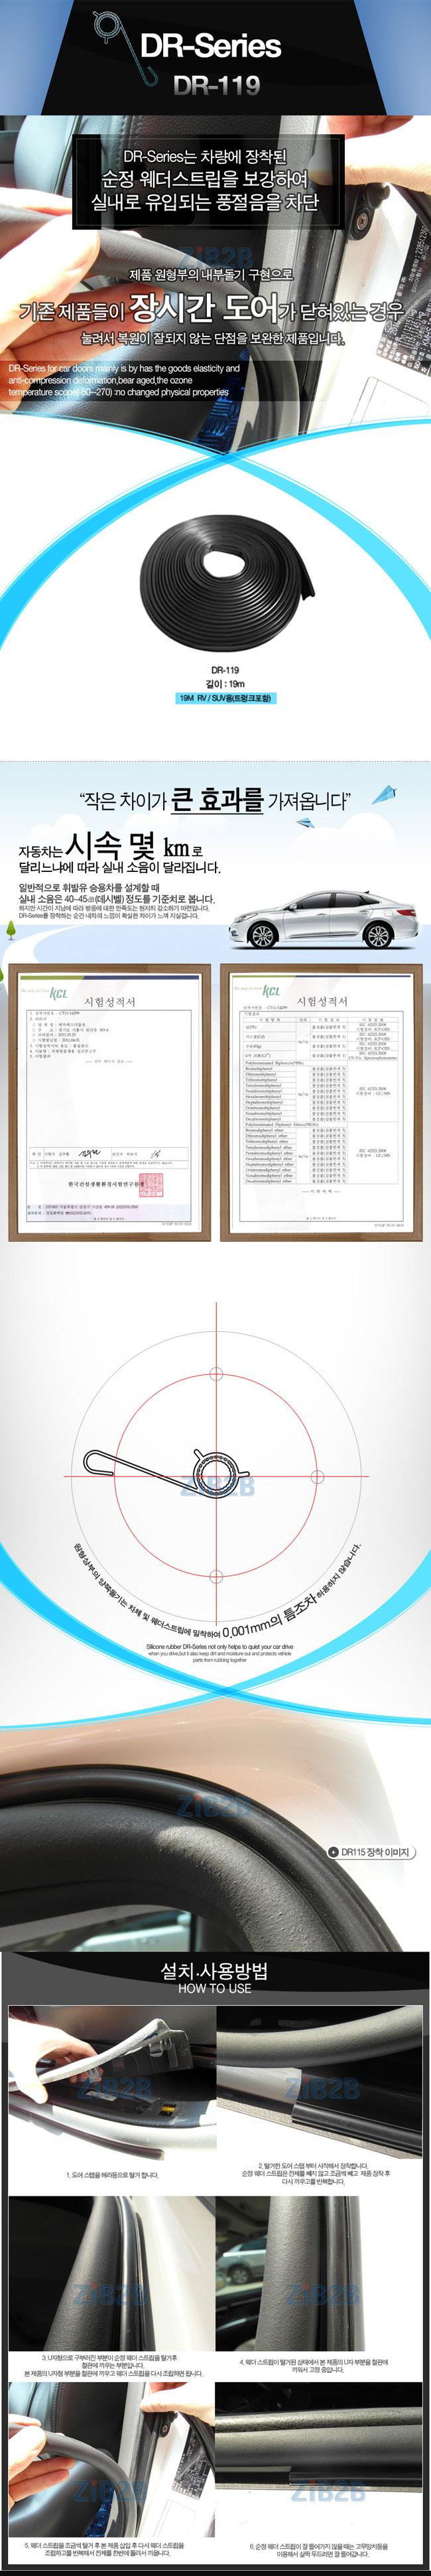 ZiB2B 풍절음차단 도어 윈드가드(Wind-GUARD) 3종세트